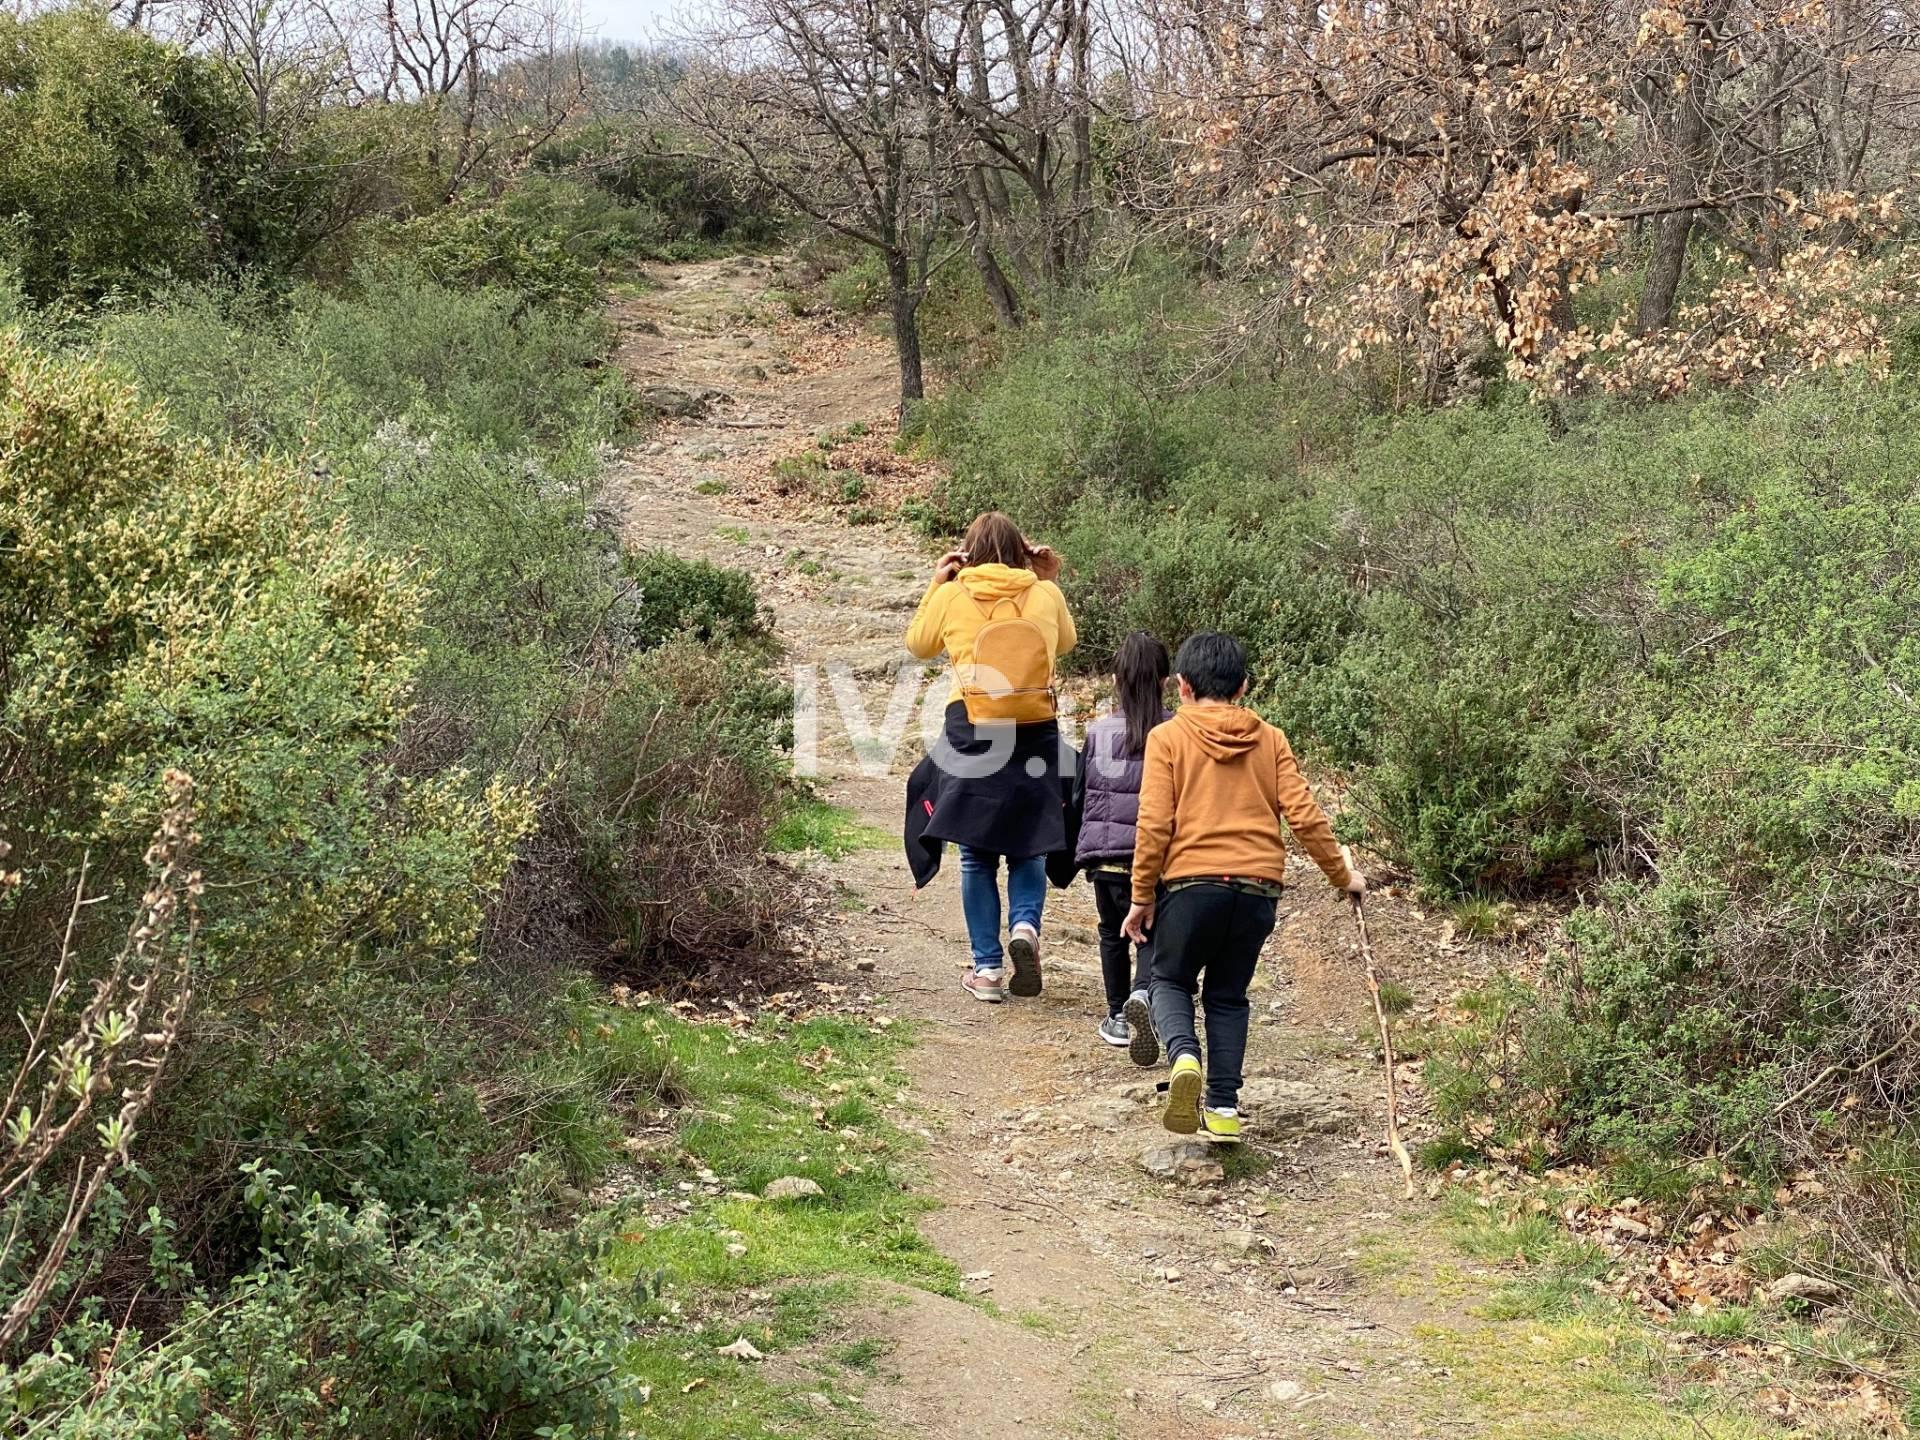 Escursionismo sentieri bosco natura camminate outdoor